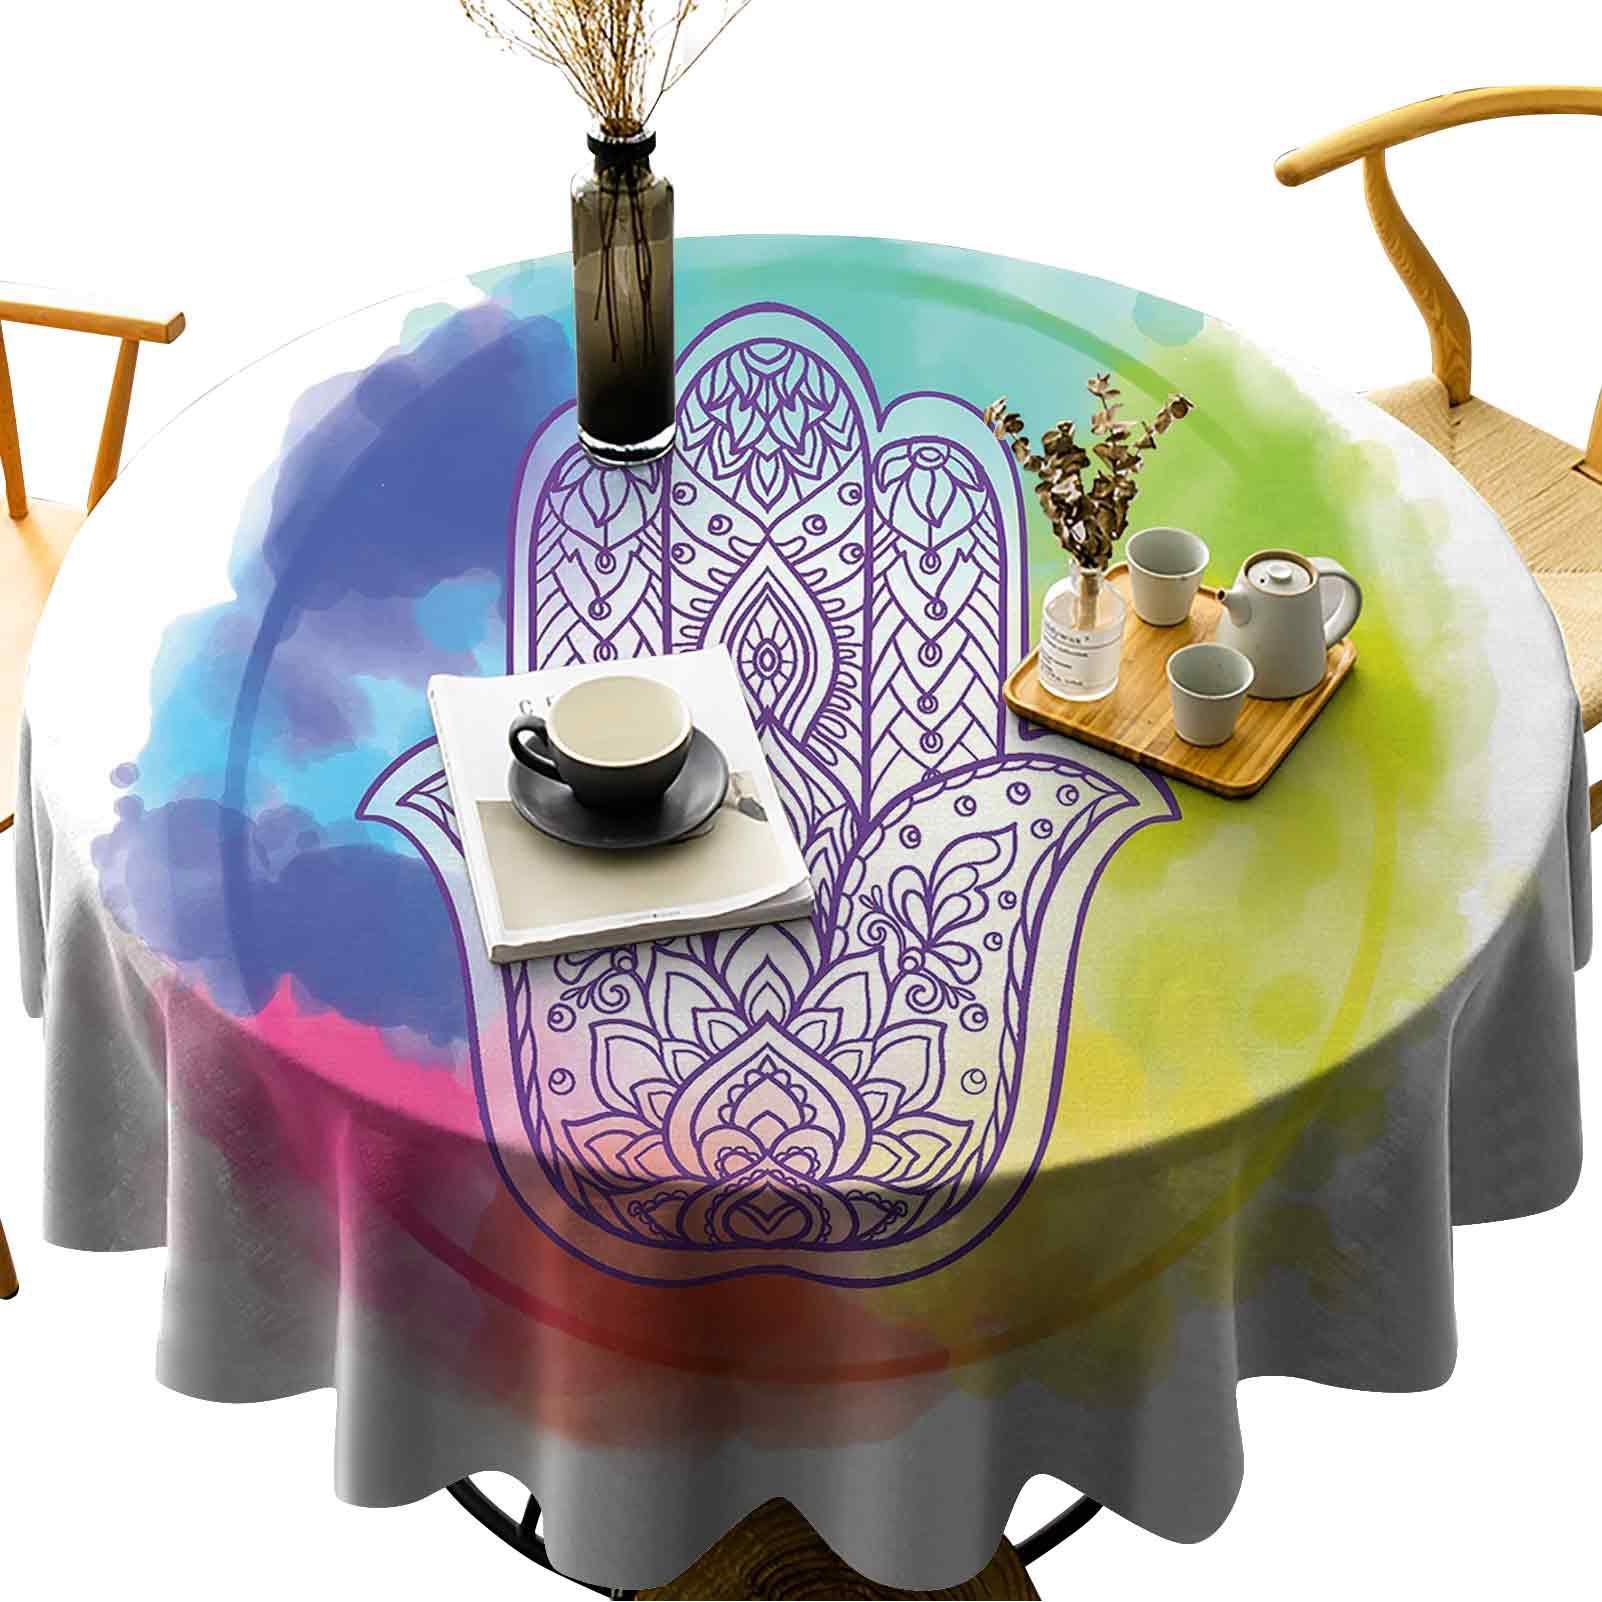 Courrage de la table ronde ronde étanche de couleurs vives rêveuses et de la main de Fatima avec des éléments de charme ésotérique